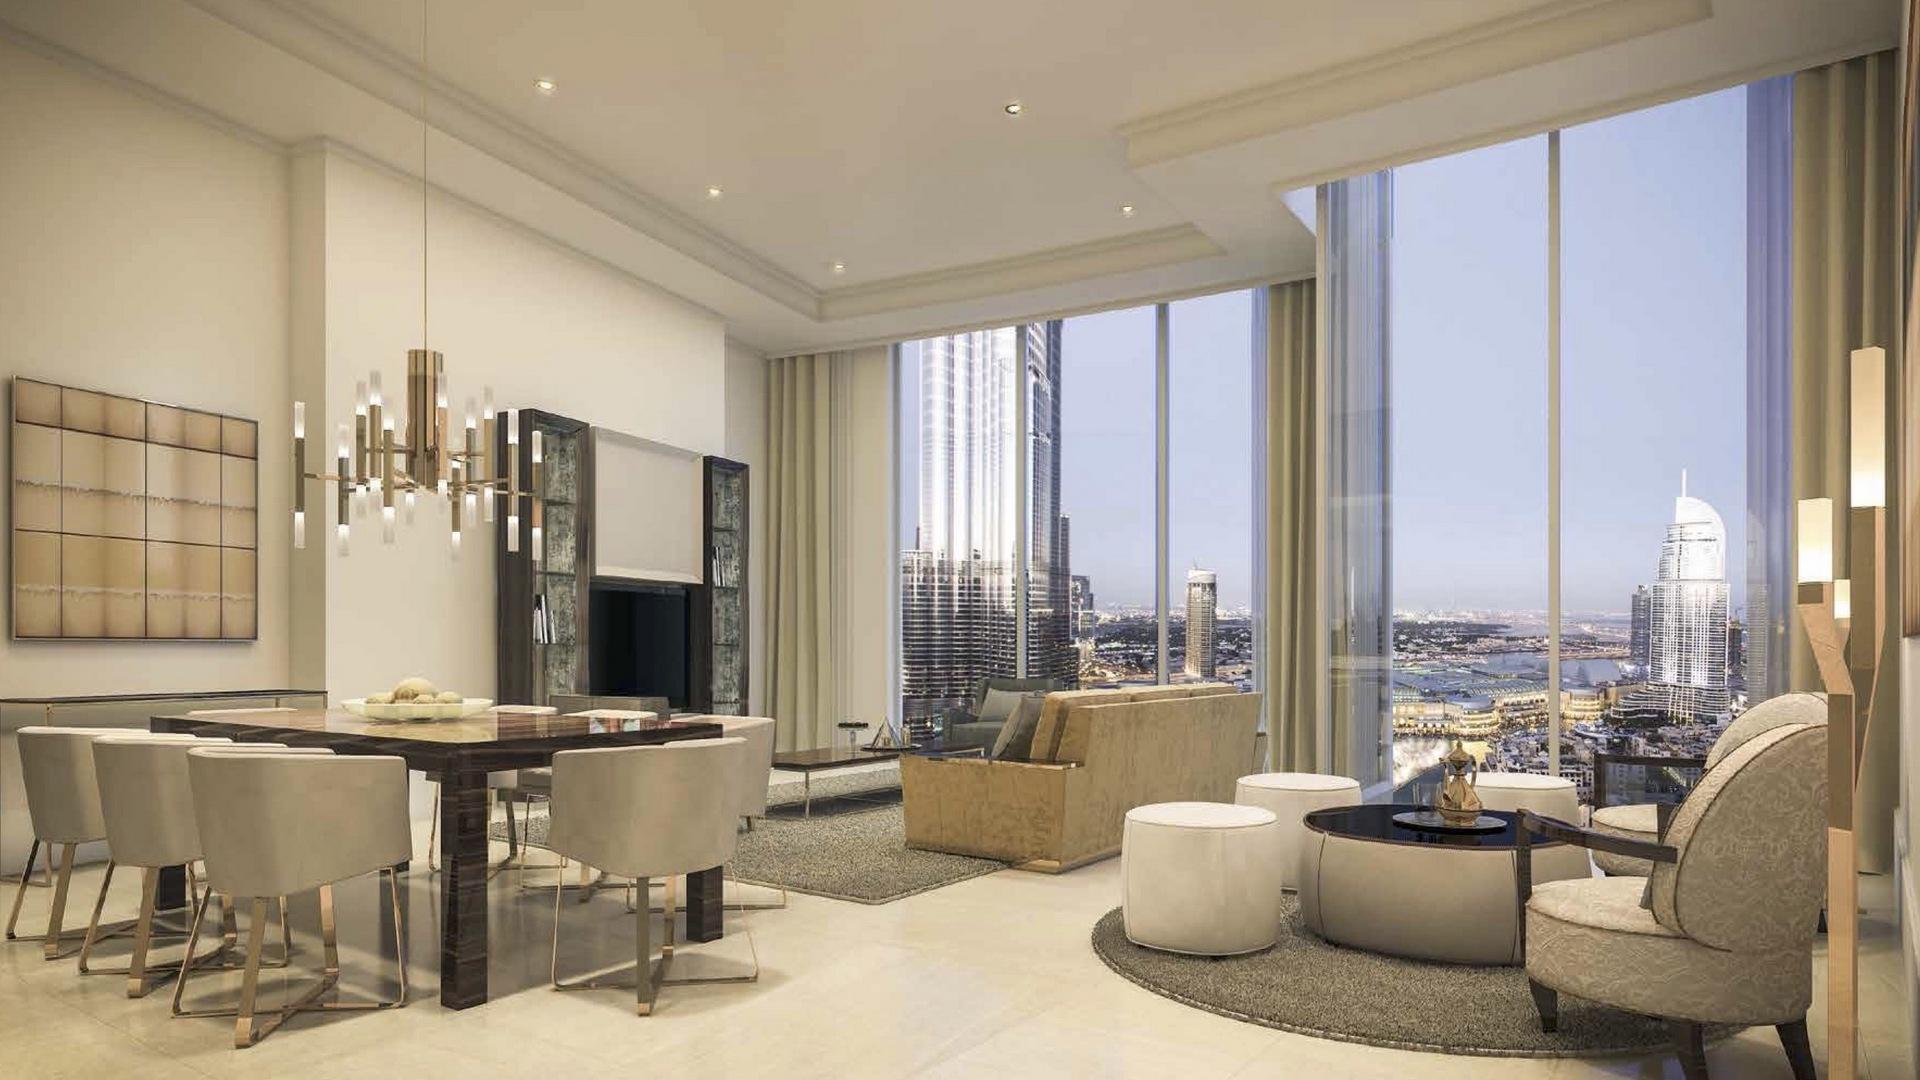 Apartamento en venta en Dubai, EAU, 1 dormitorio, 68 m2, № 24073 – foto 1